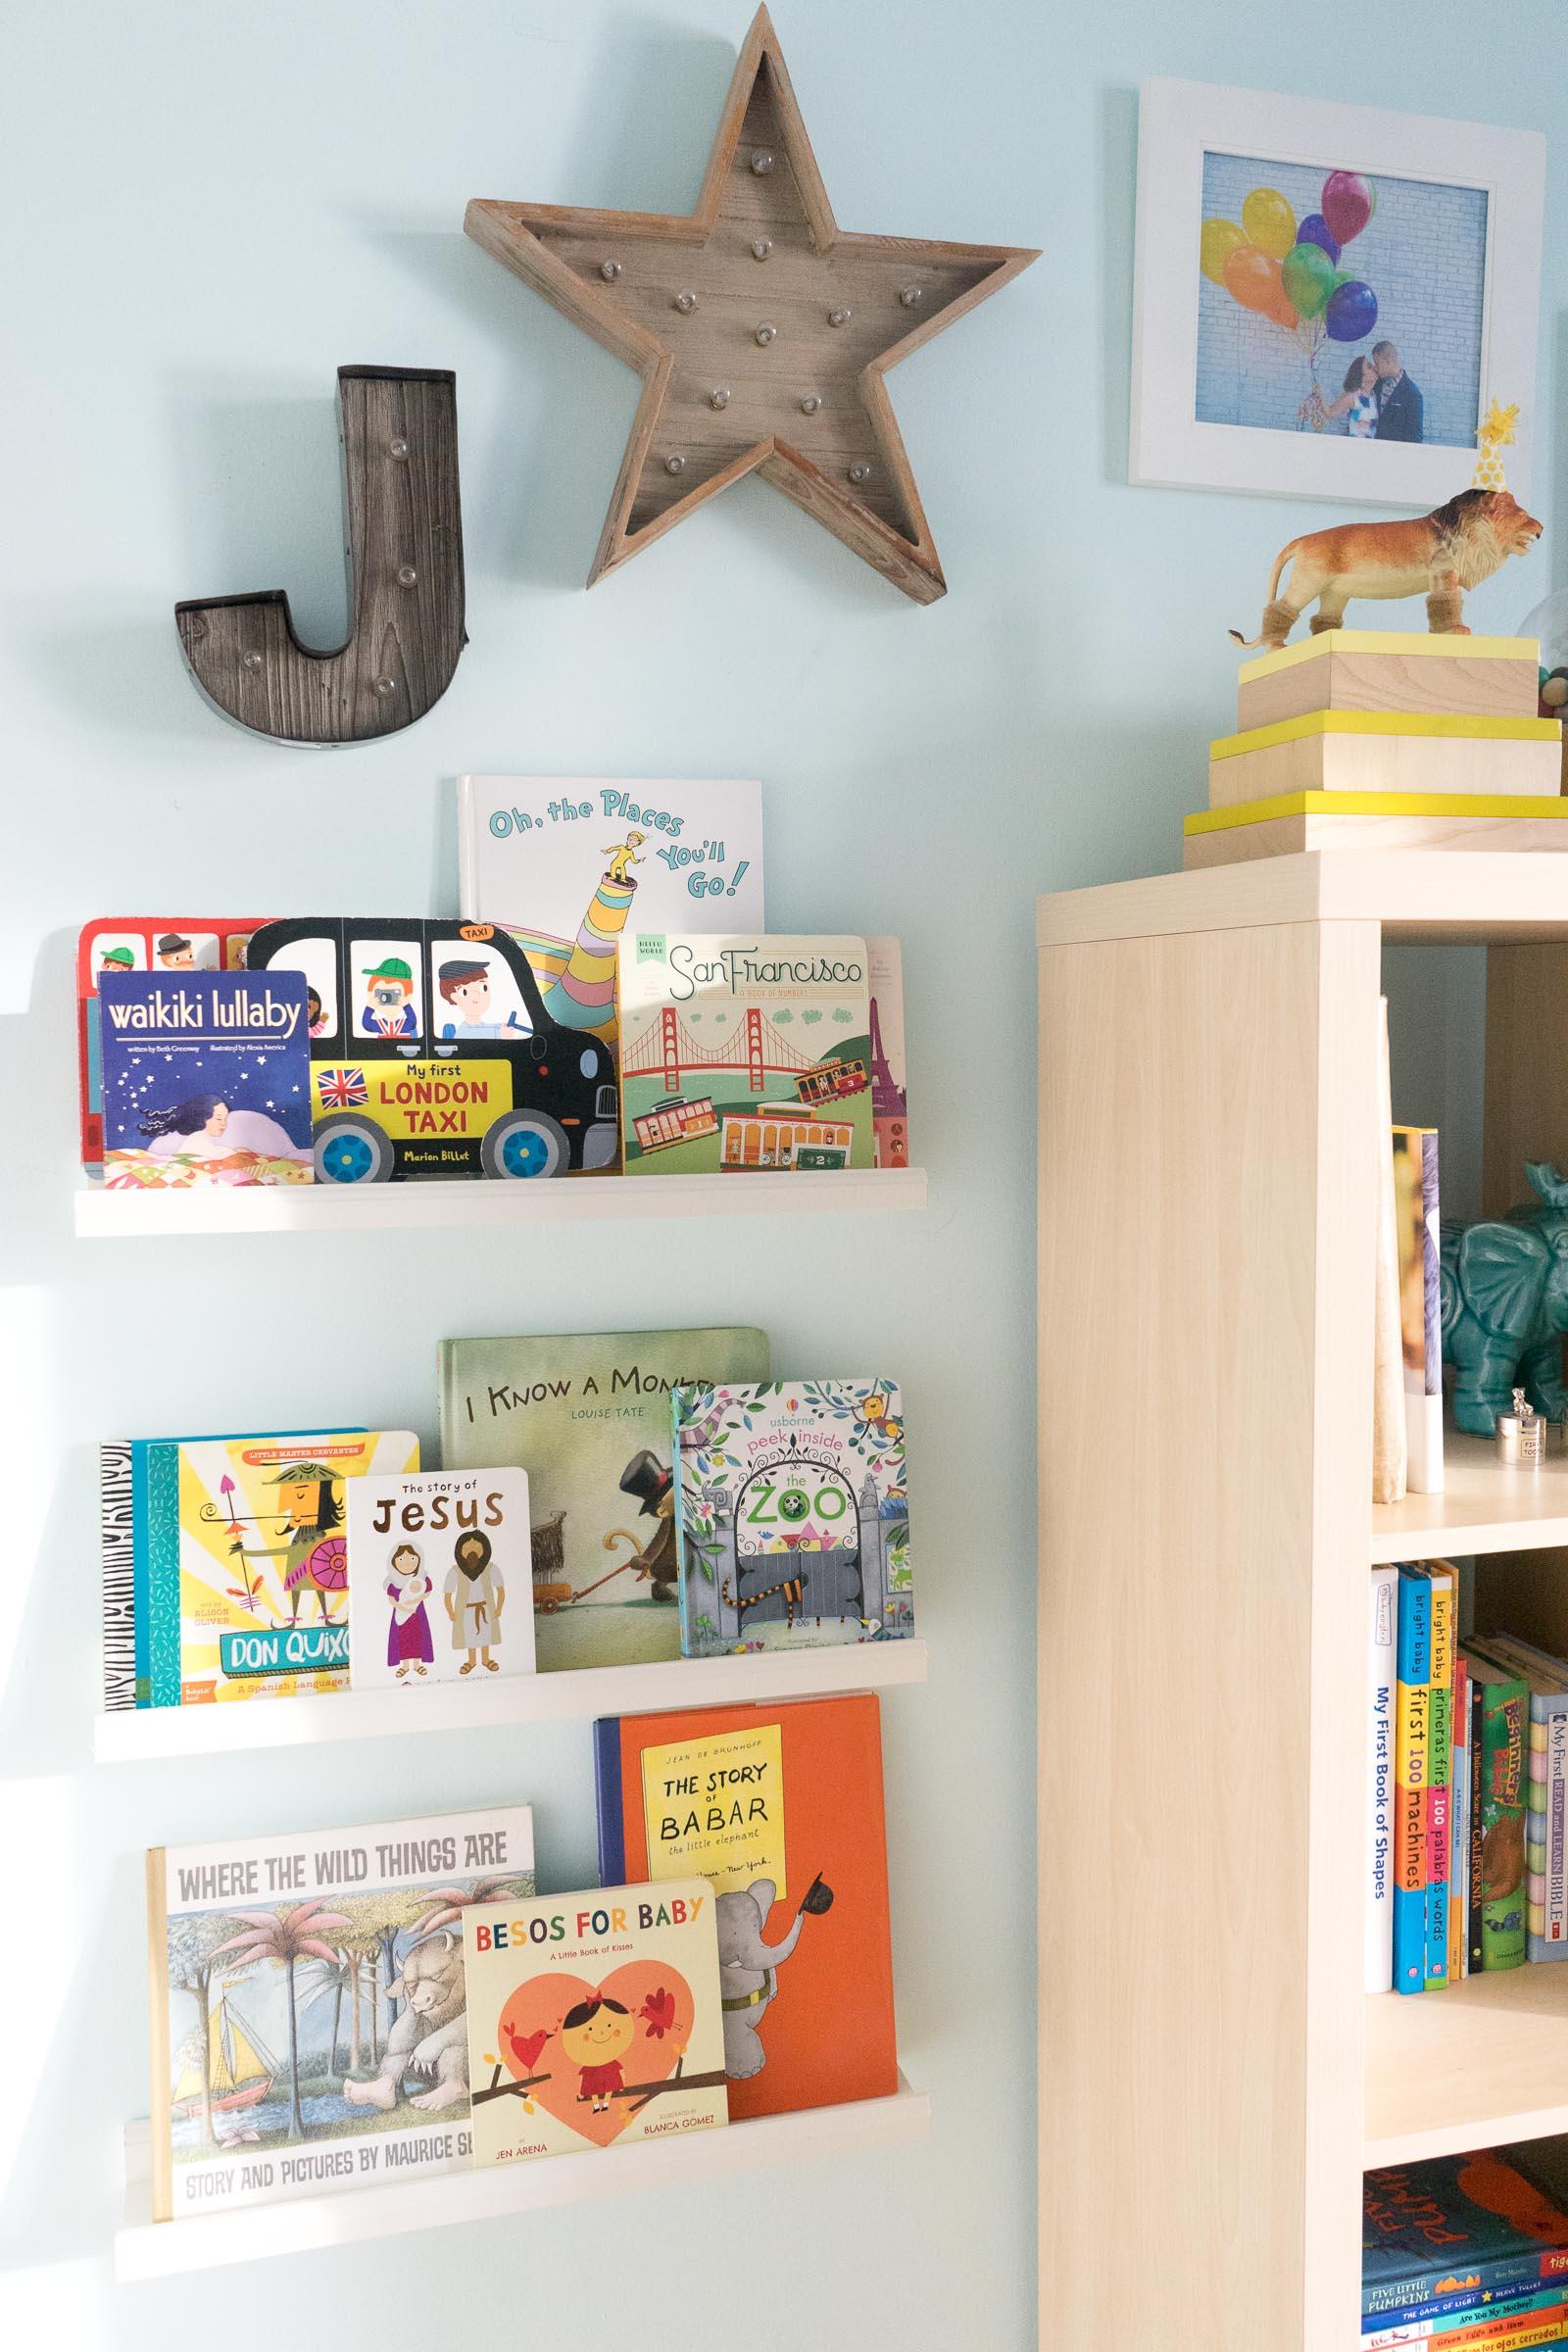 nursery-room_toddler-books_DIY_-book-display-26.jpg